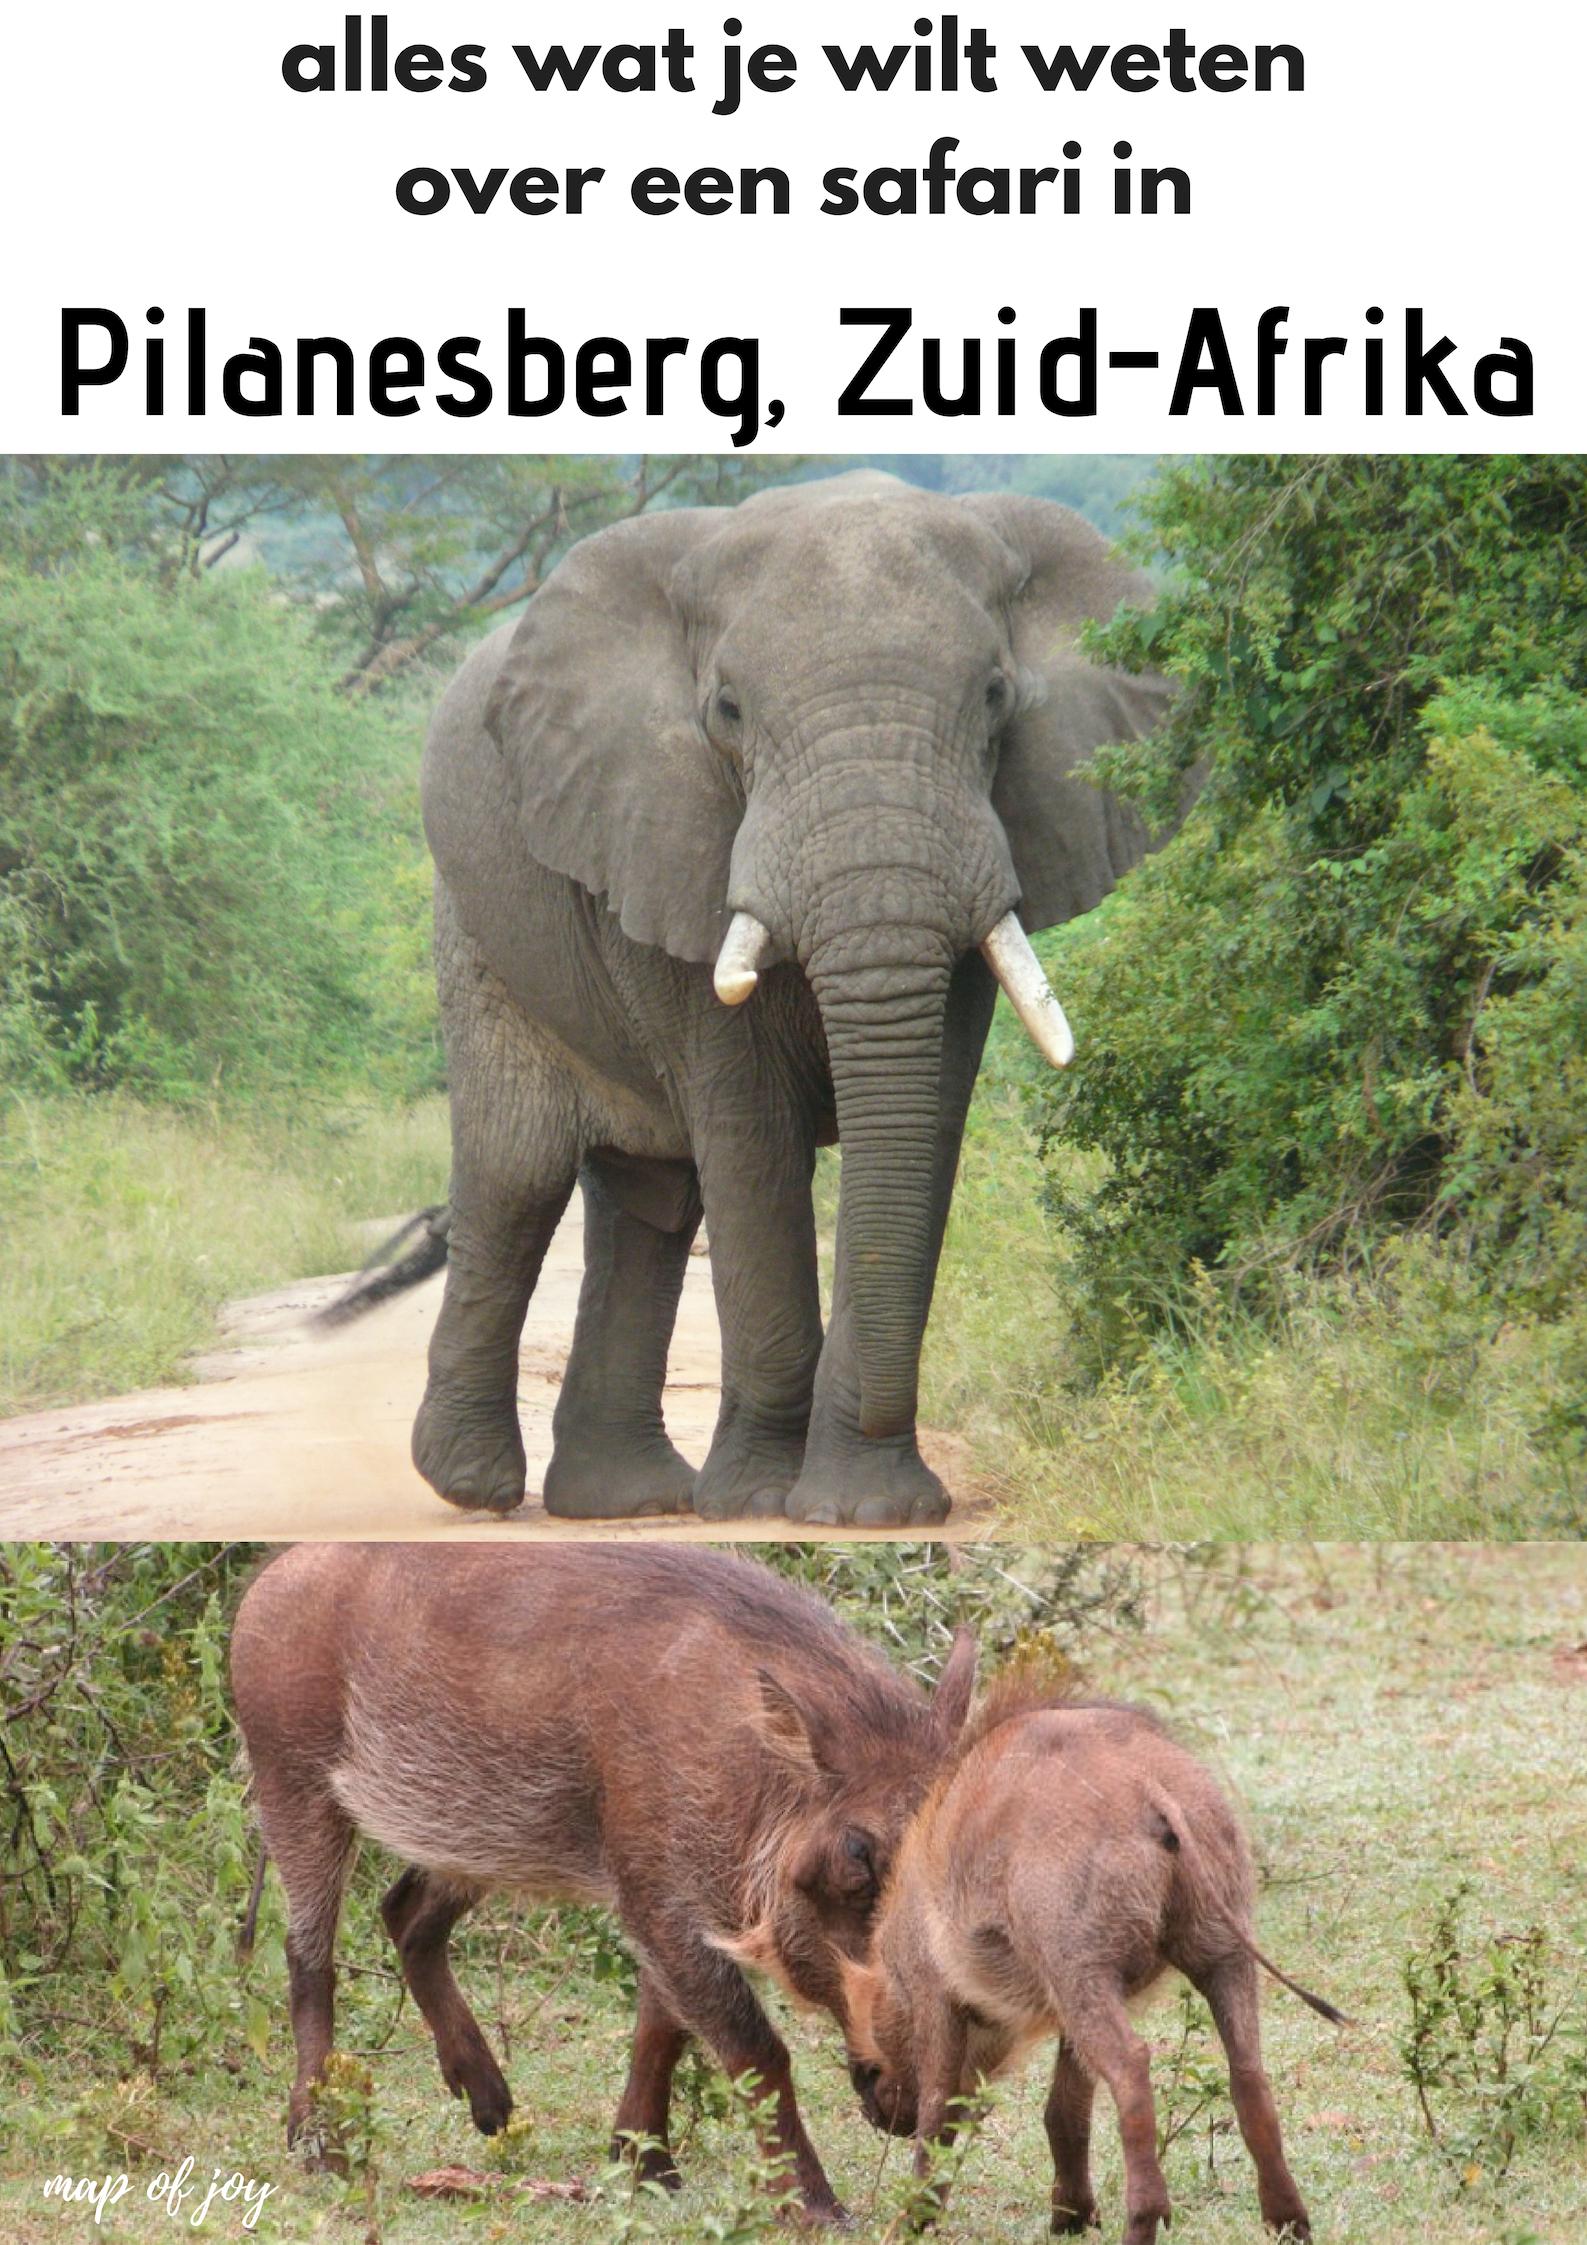 Alles over een safari in Pilanesberg, Zuid-Afrika - Map of Joy